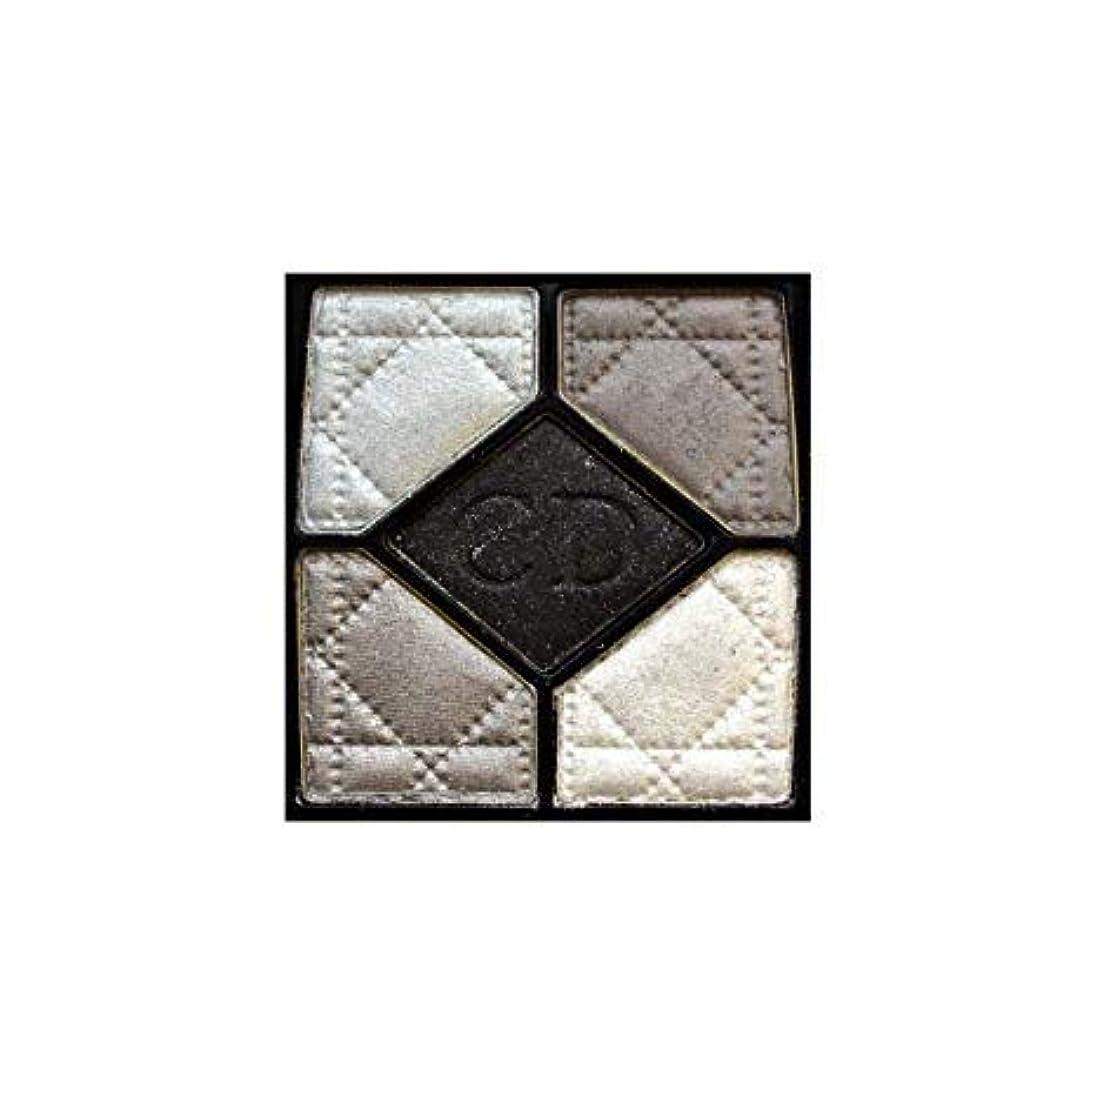 【クリスチャン ディオール】サンク クルール デザイナー #208 ネイビー デザイン 5.7g [並行輸入品]